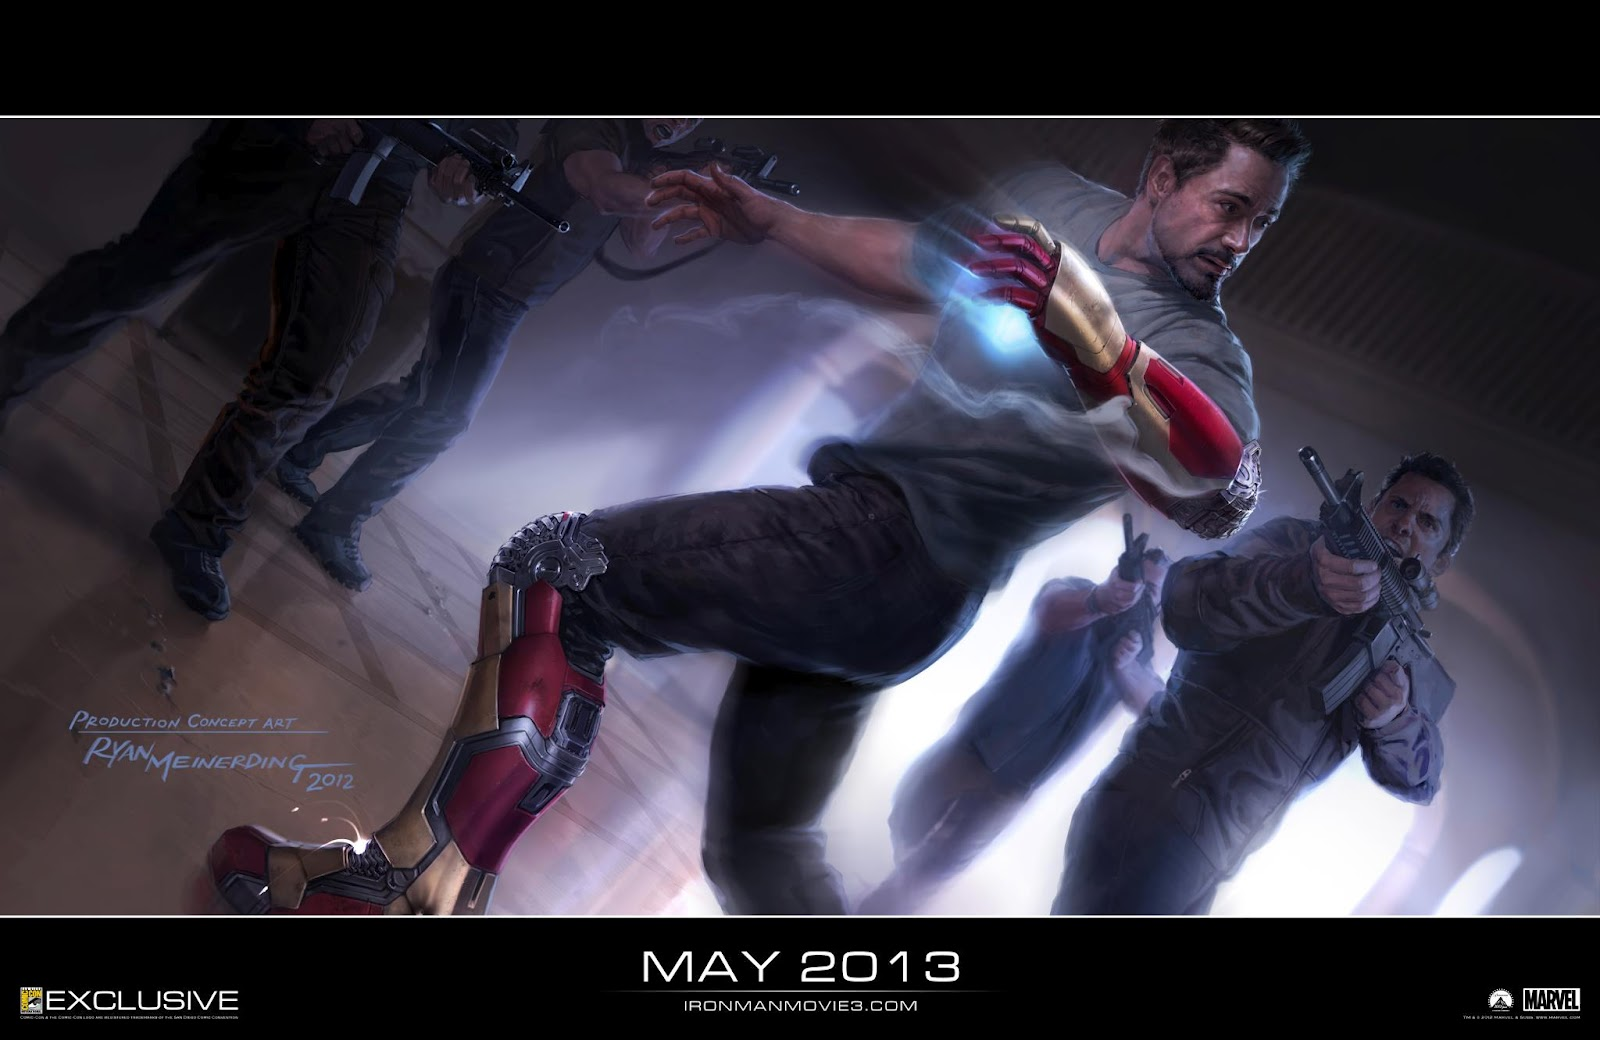 http://4.bp.blogspot.com/-XUkOExeK2mA/UDJVhPjvlpI/AAAAAAAAJSw/Z0HkCk3dBCY/s1600/iron-man-3-concept-art.jpg